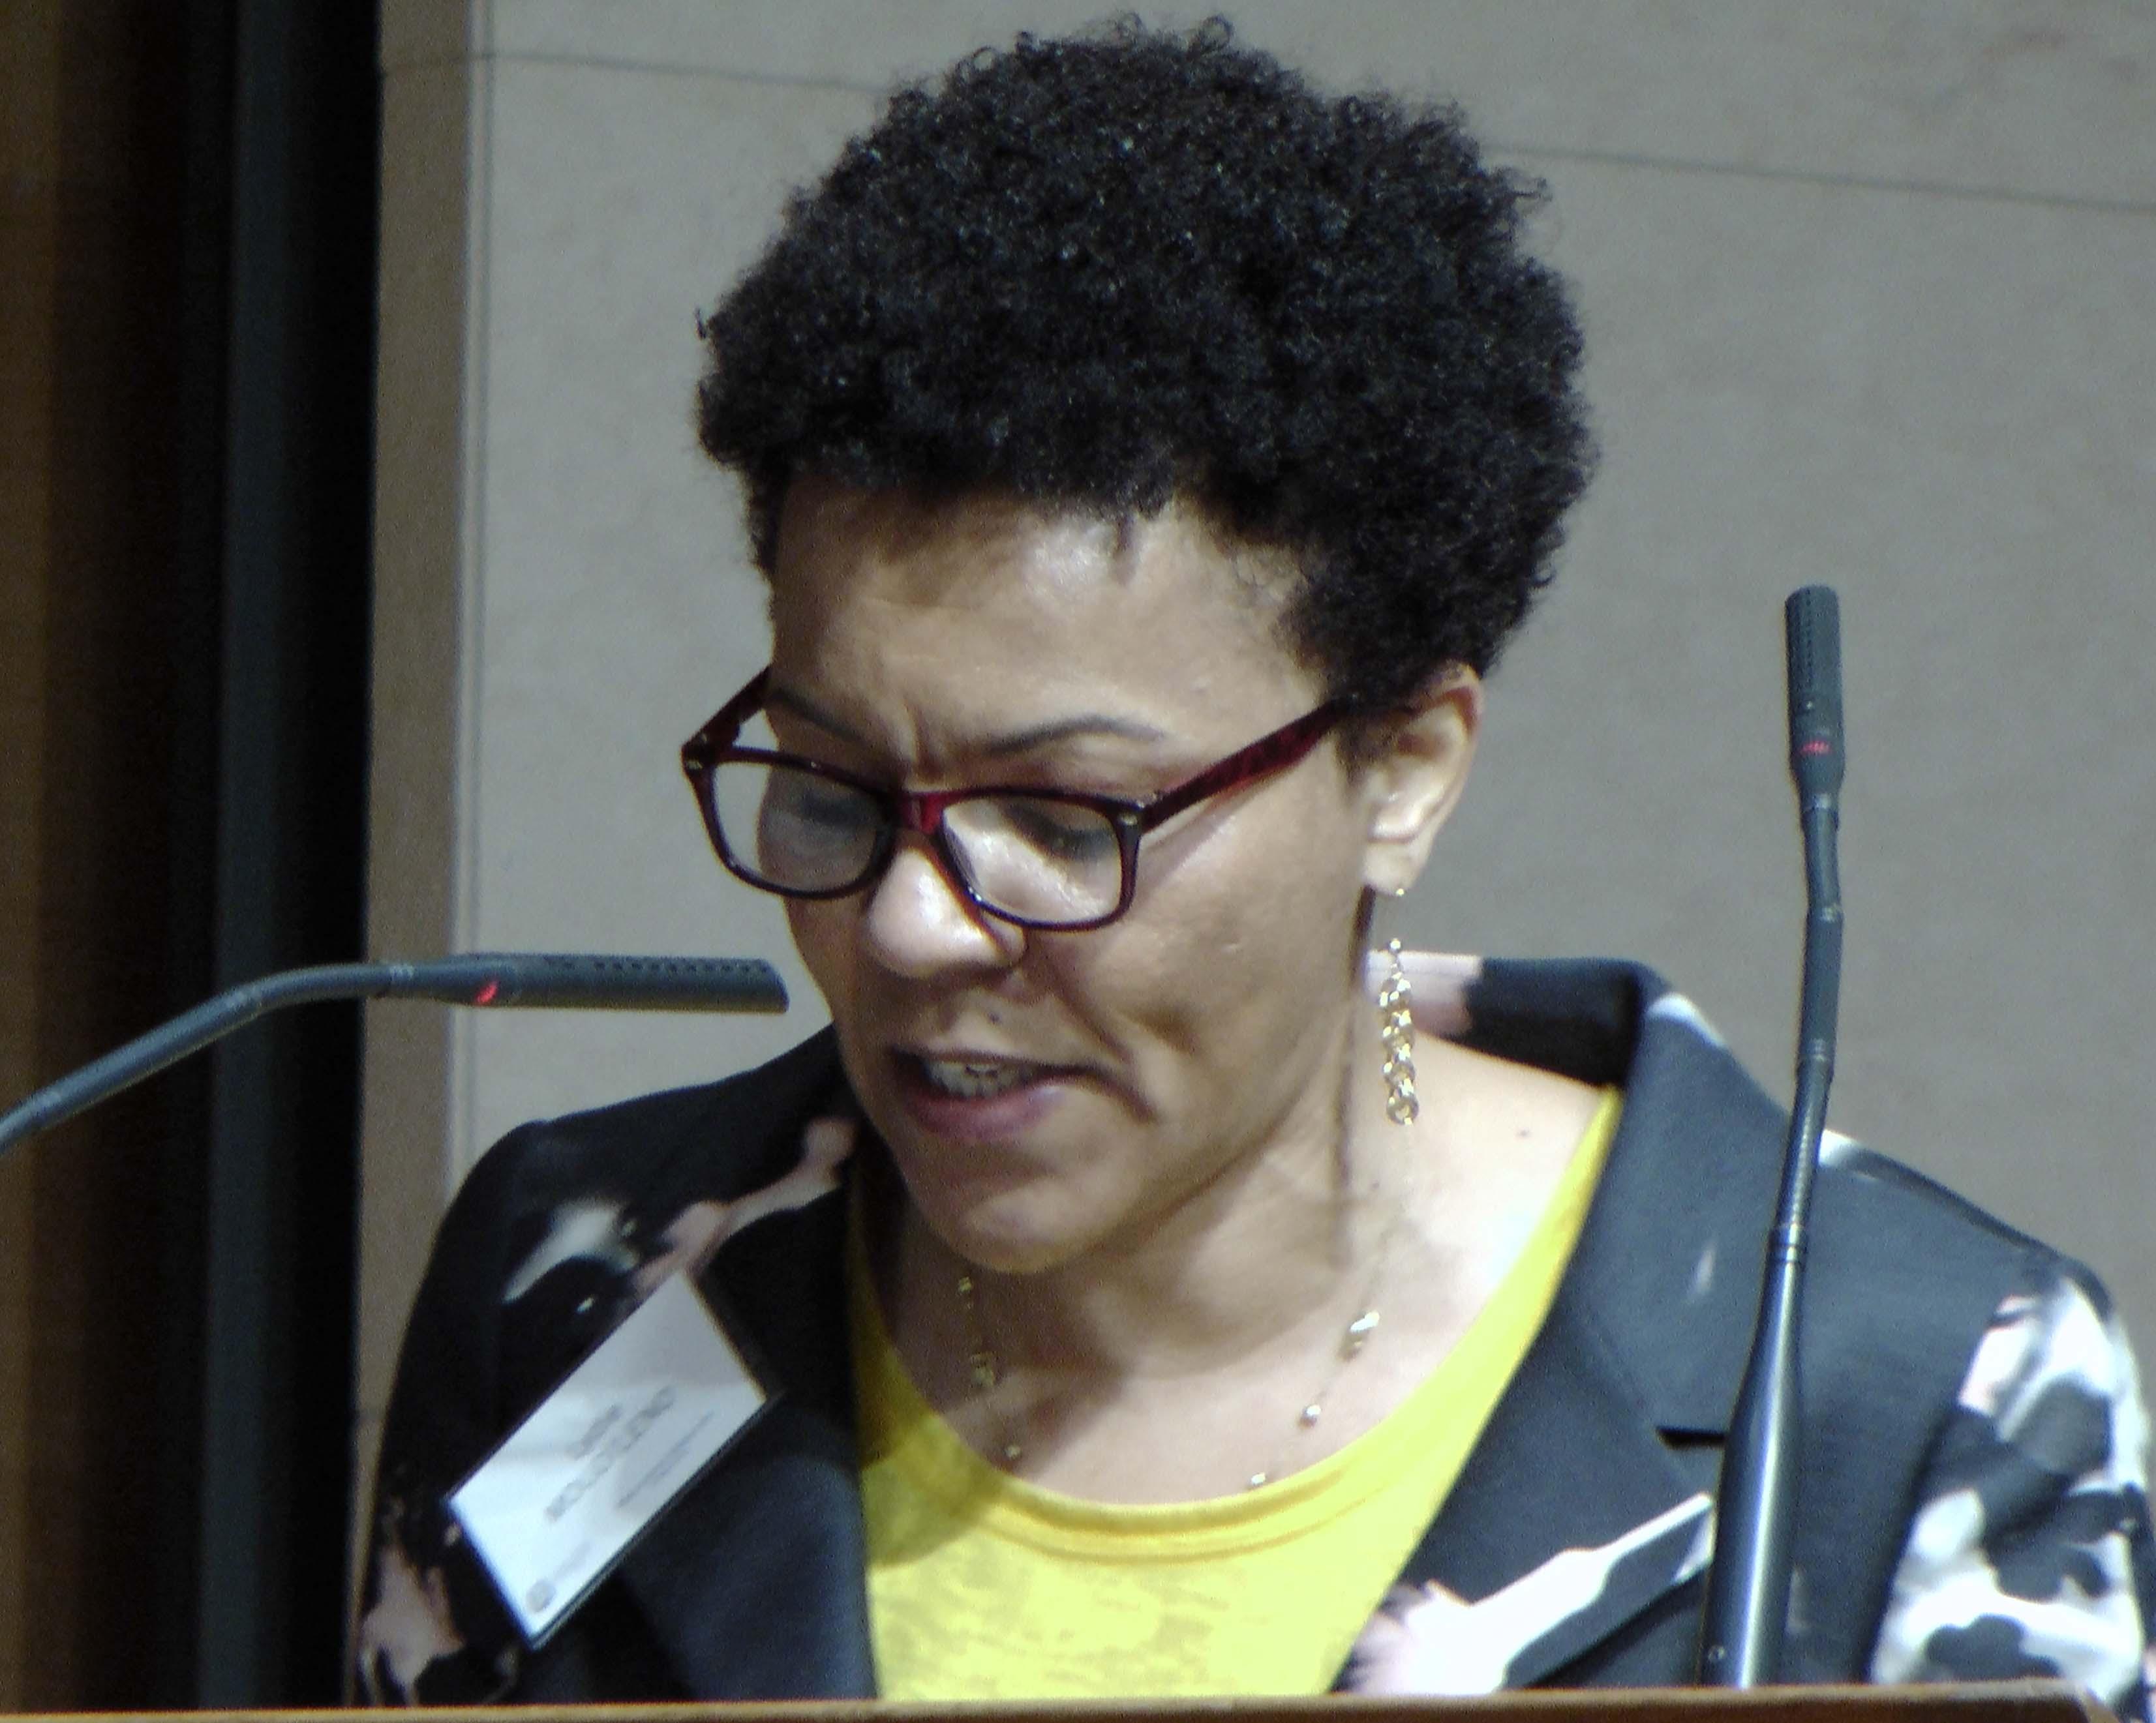 Lydie Moudileno au Collège de France, le 2 mai 2016, vagabondssanstreves.com,